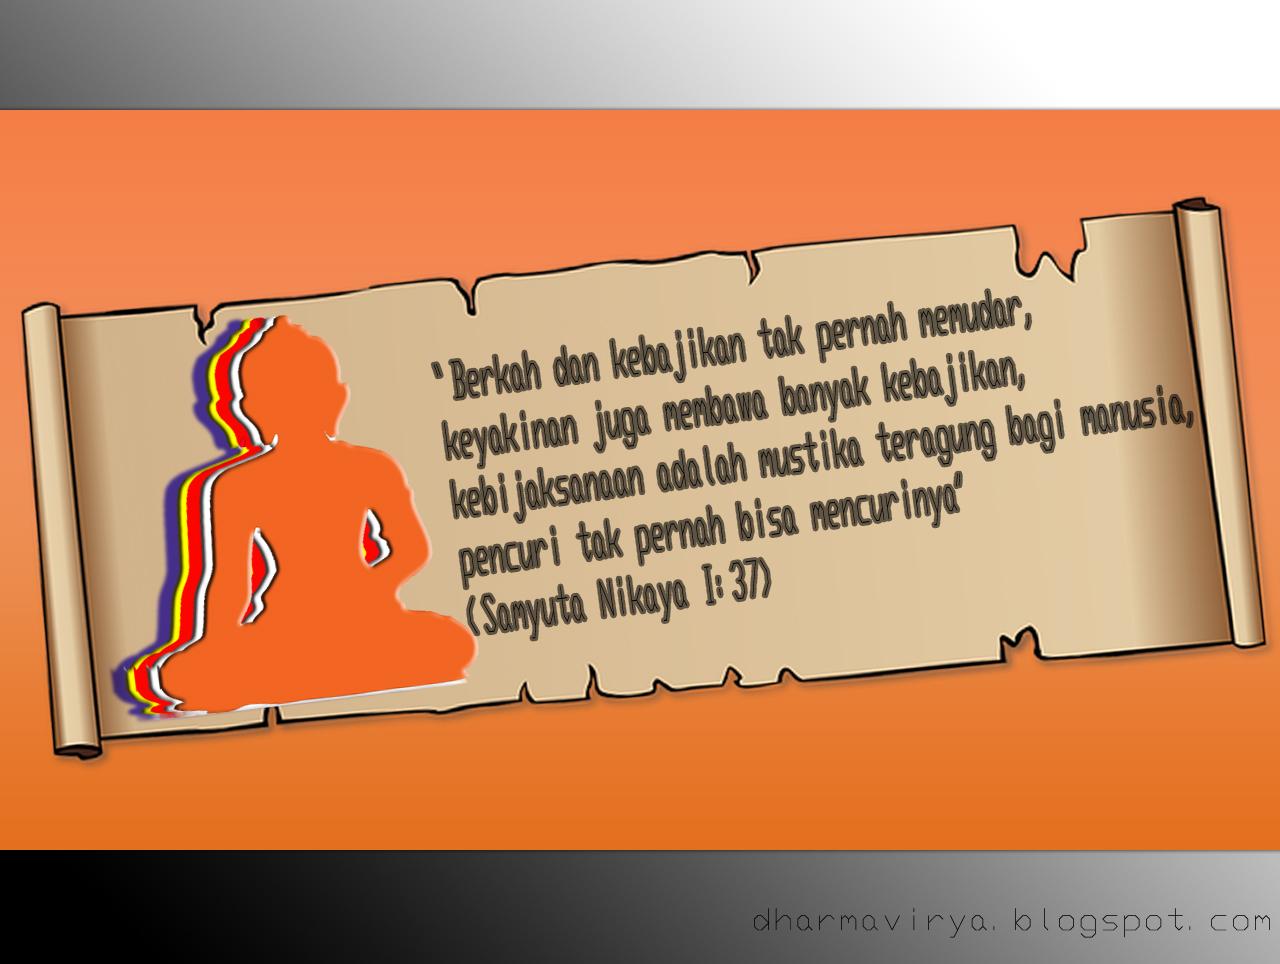 http://2.bp.blogspot.com/-wG5M35eSB14/UBt1xsCervI/AAAAAAAAAp8/qtplad6KIzA/s1600/bijak.jpg